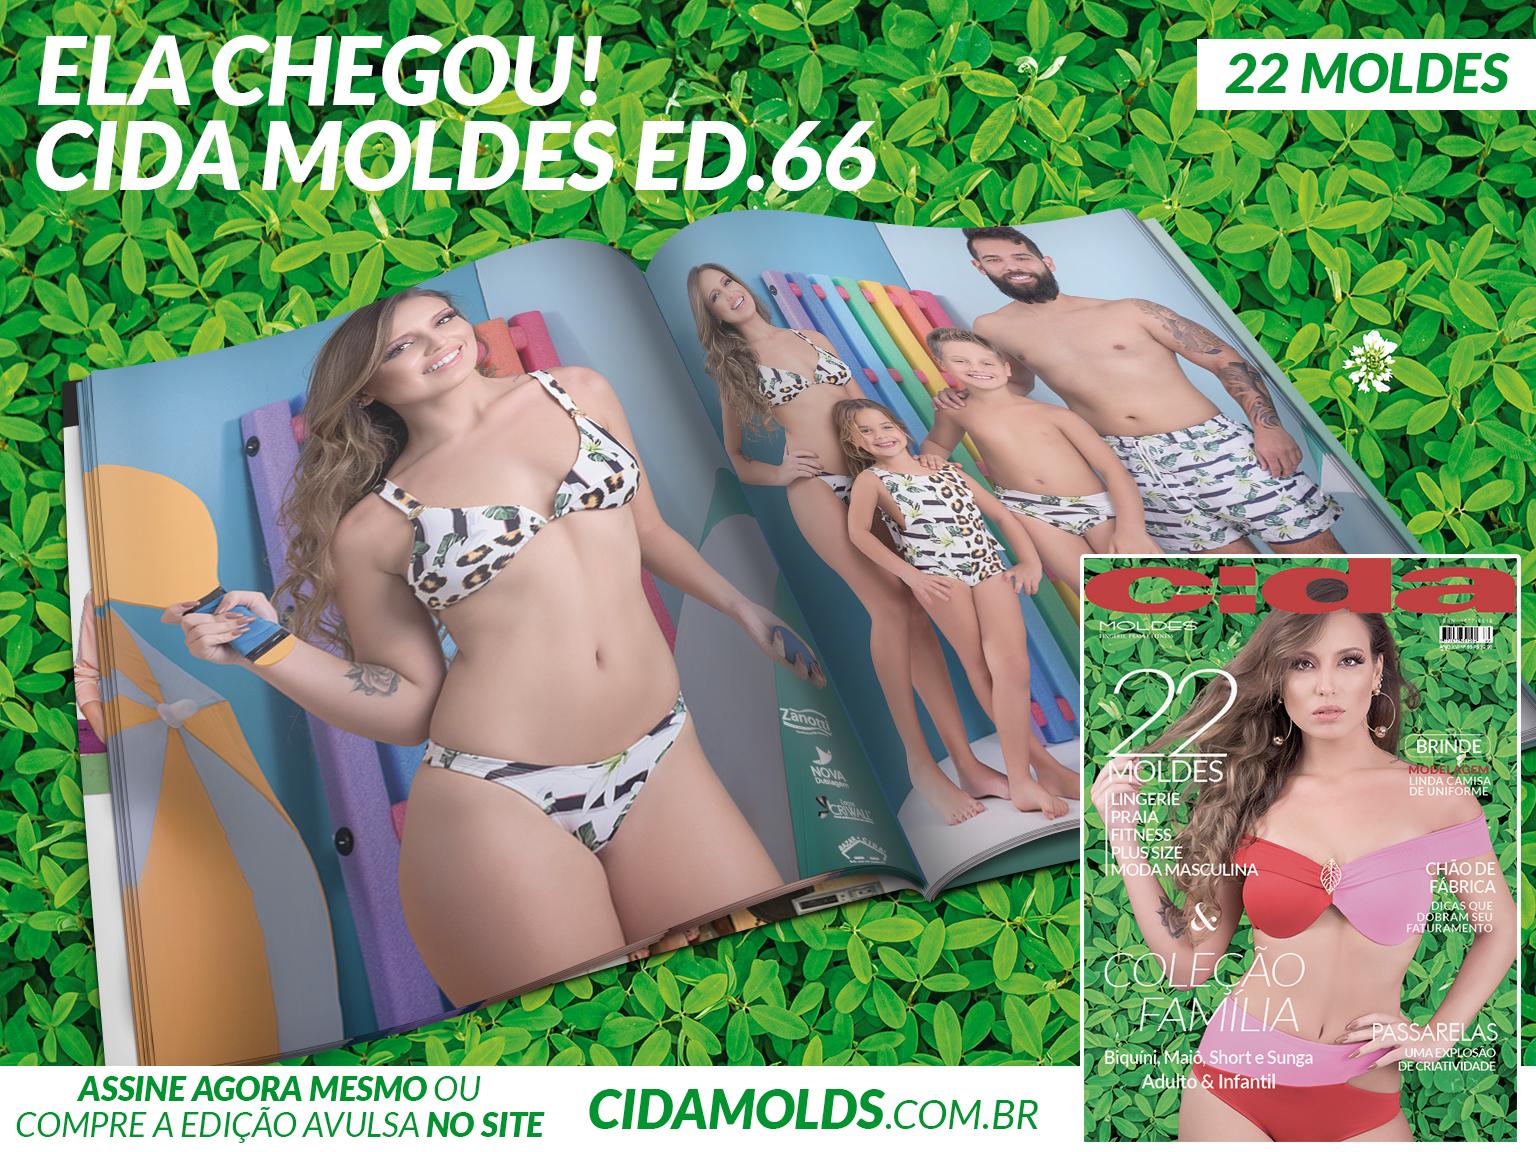 b7ce1adf21 Revista Cida Moldes 66 chega esbanjando novidades